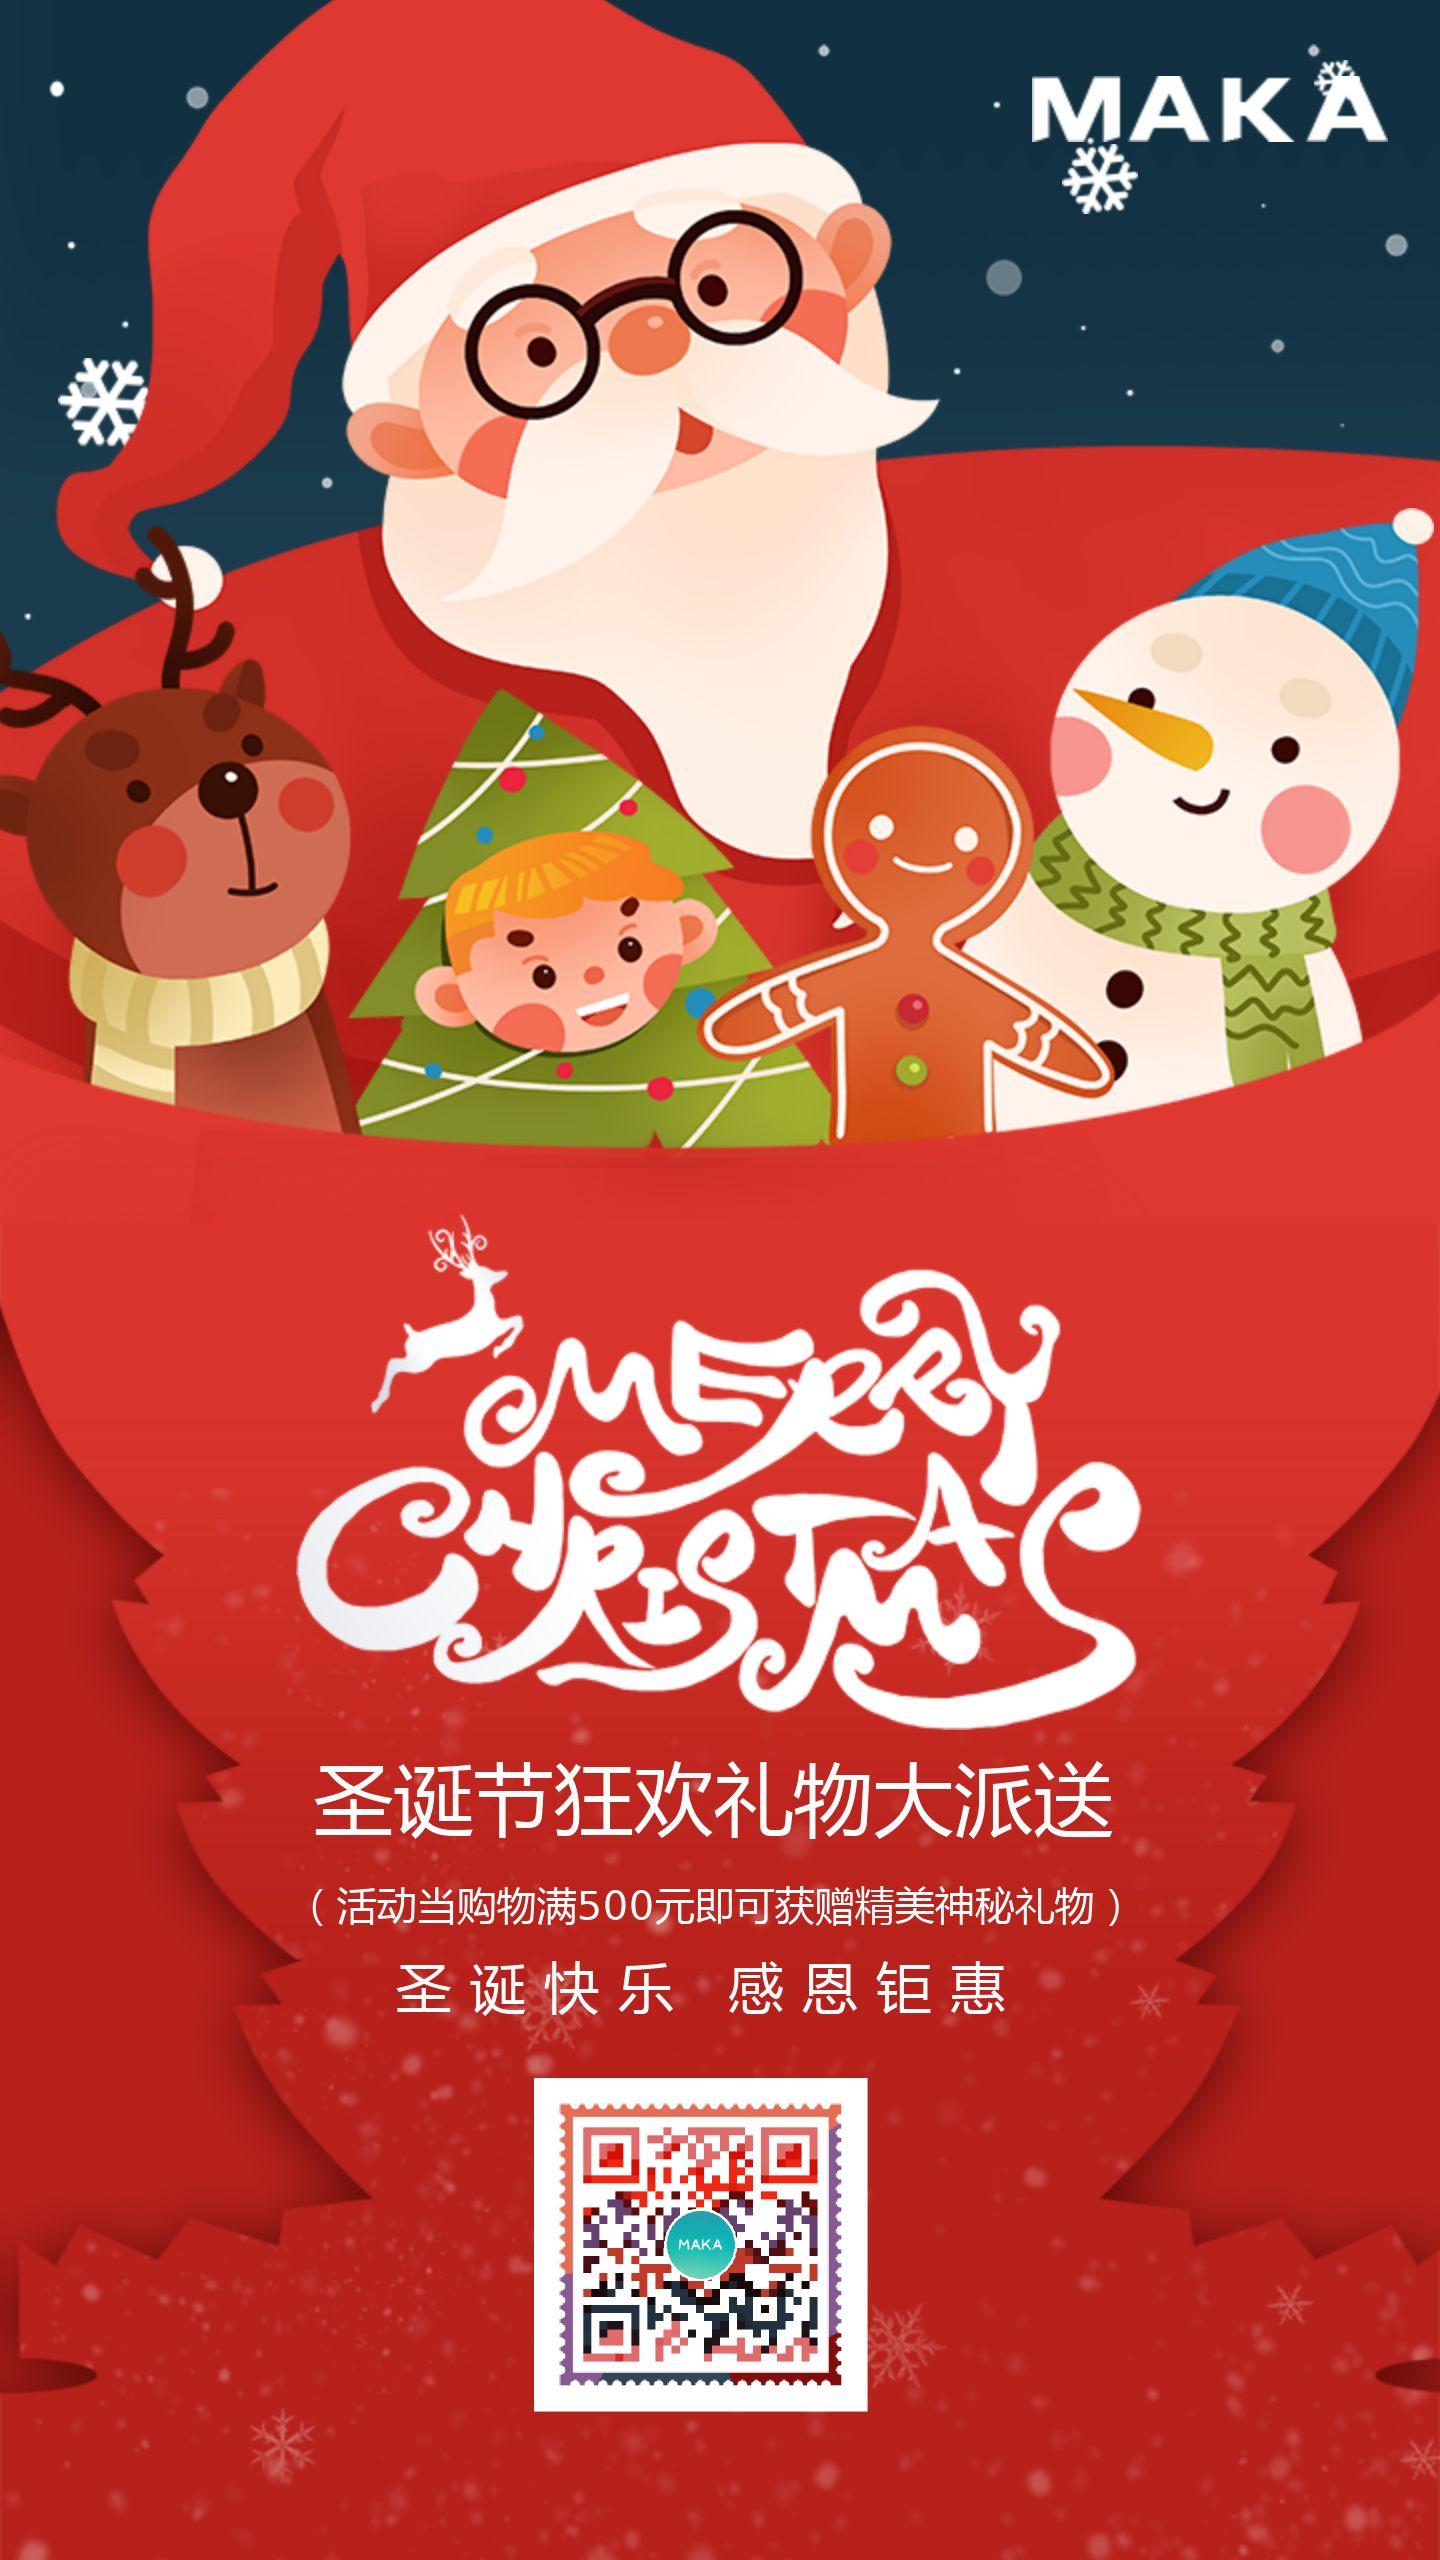 红色插画圣诞节宣传海报